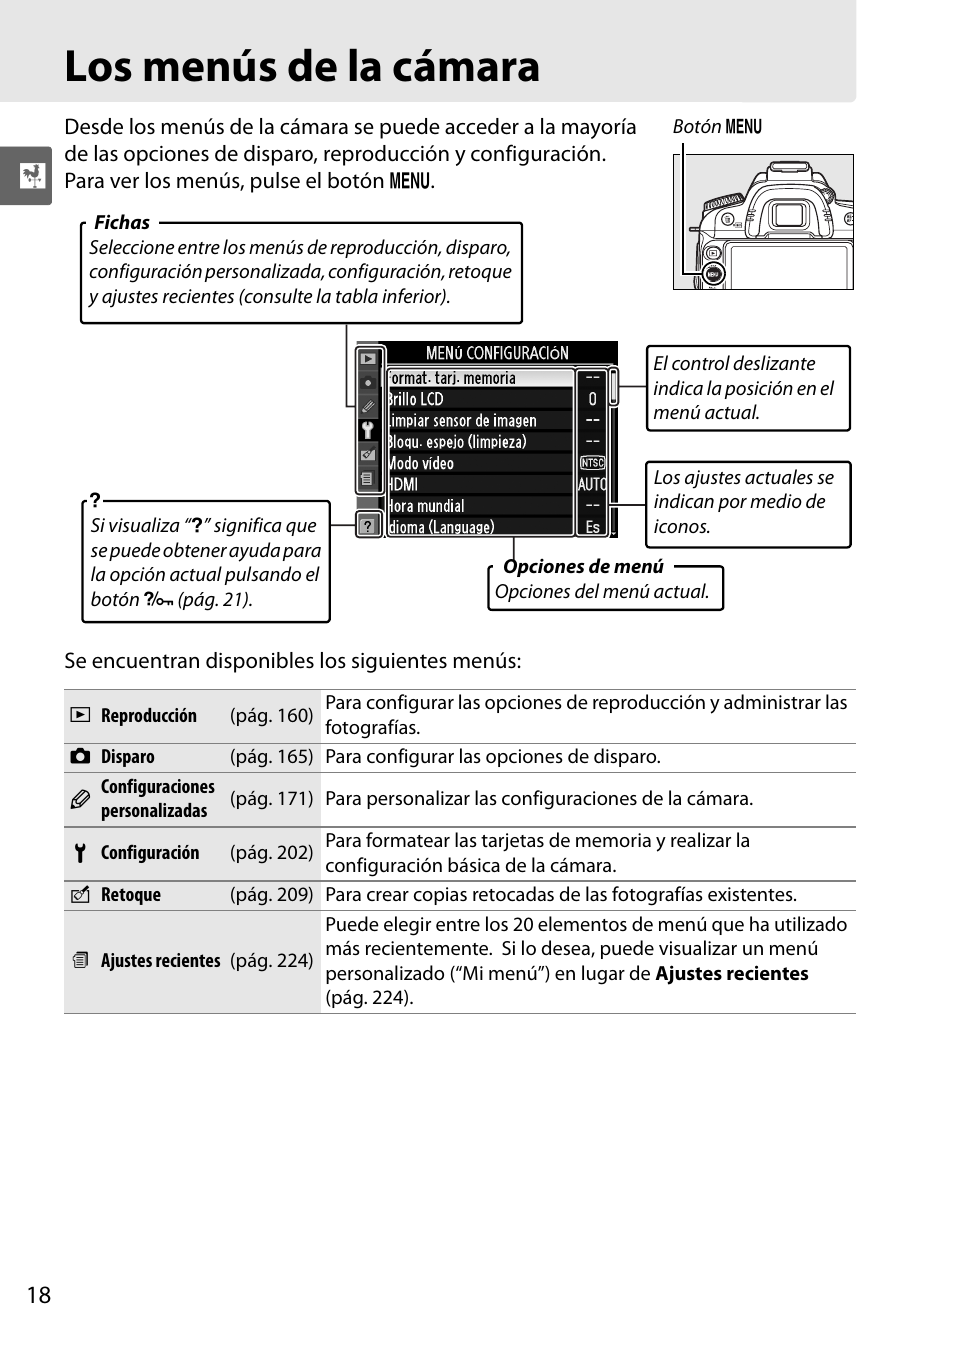 los men s de la c mara nikon d90 manual del usuario p gina 38 rh pdfmanuales com Panasonic Viera 50 Manual Panasonic Viera 50 Manual